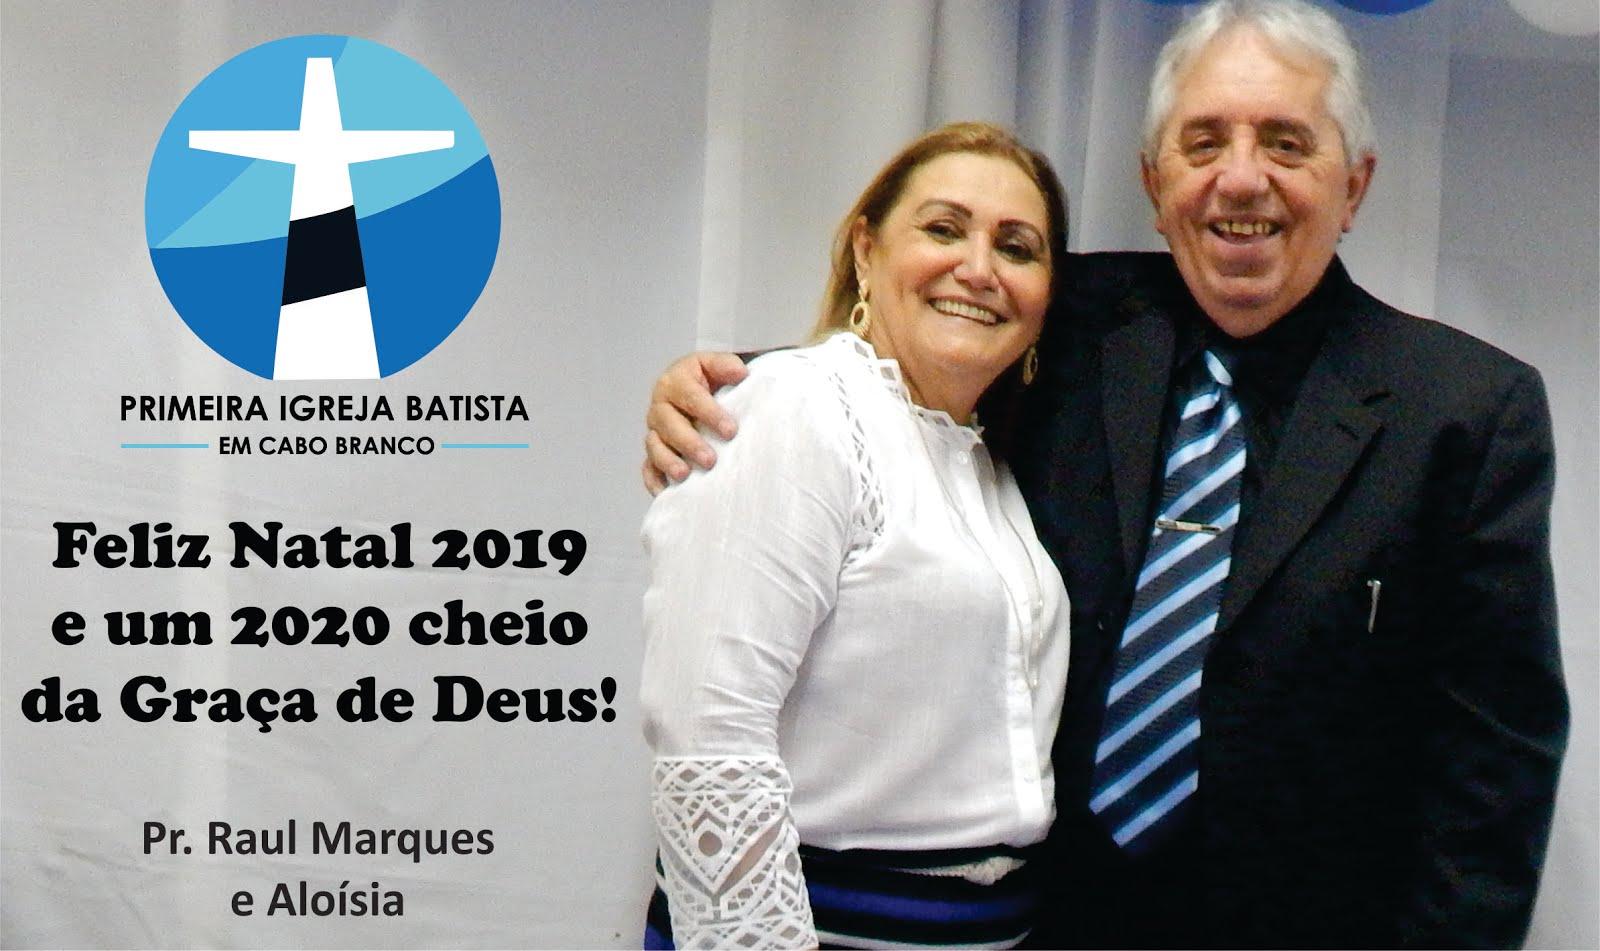 LOUVADO SEJA O SENHOR!